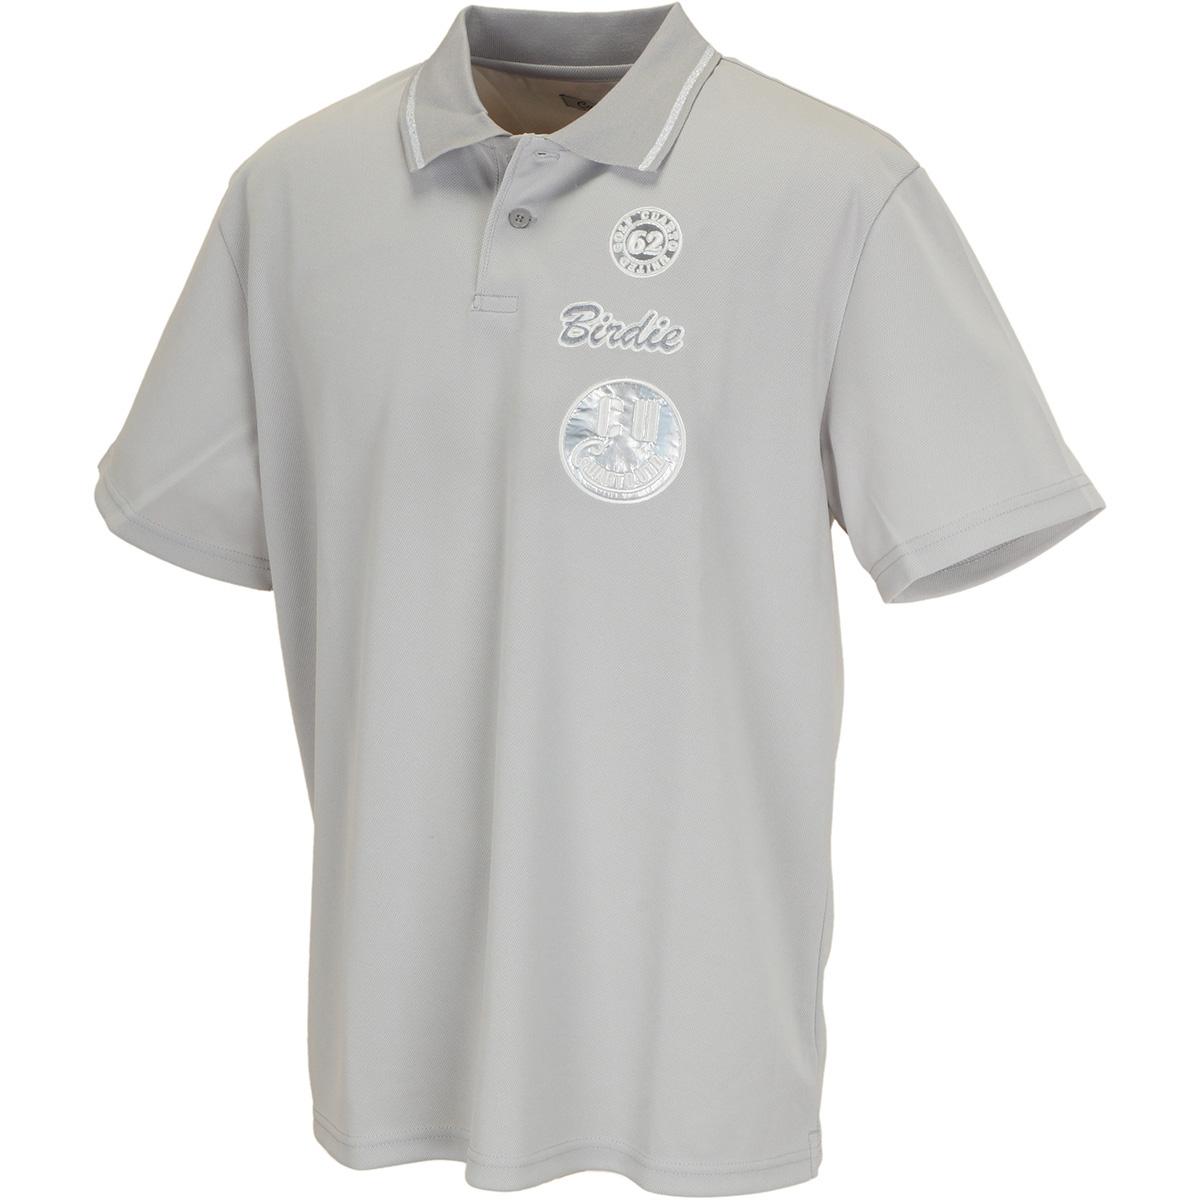 ワッペンシンプル半袖ポロシャツ